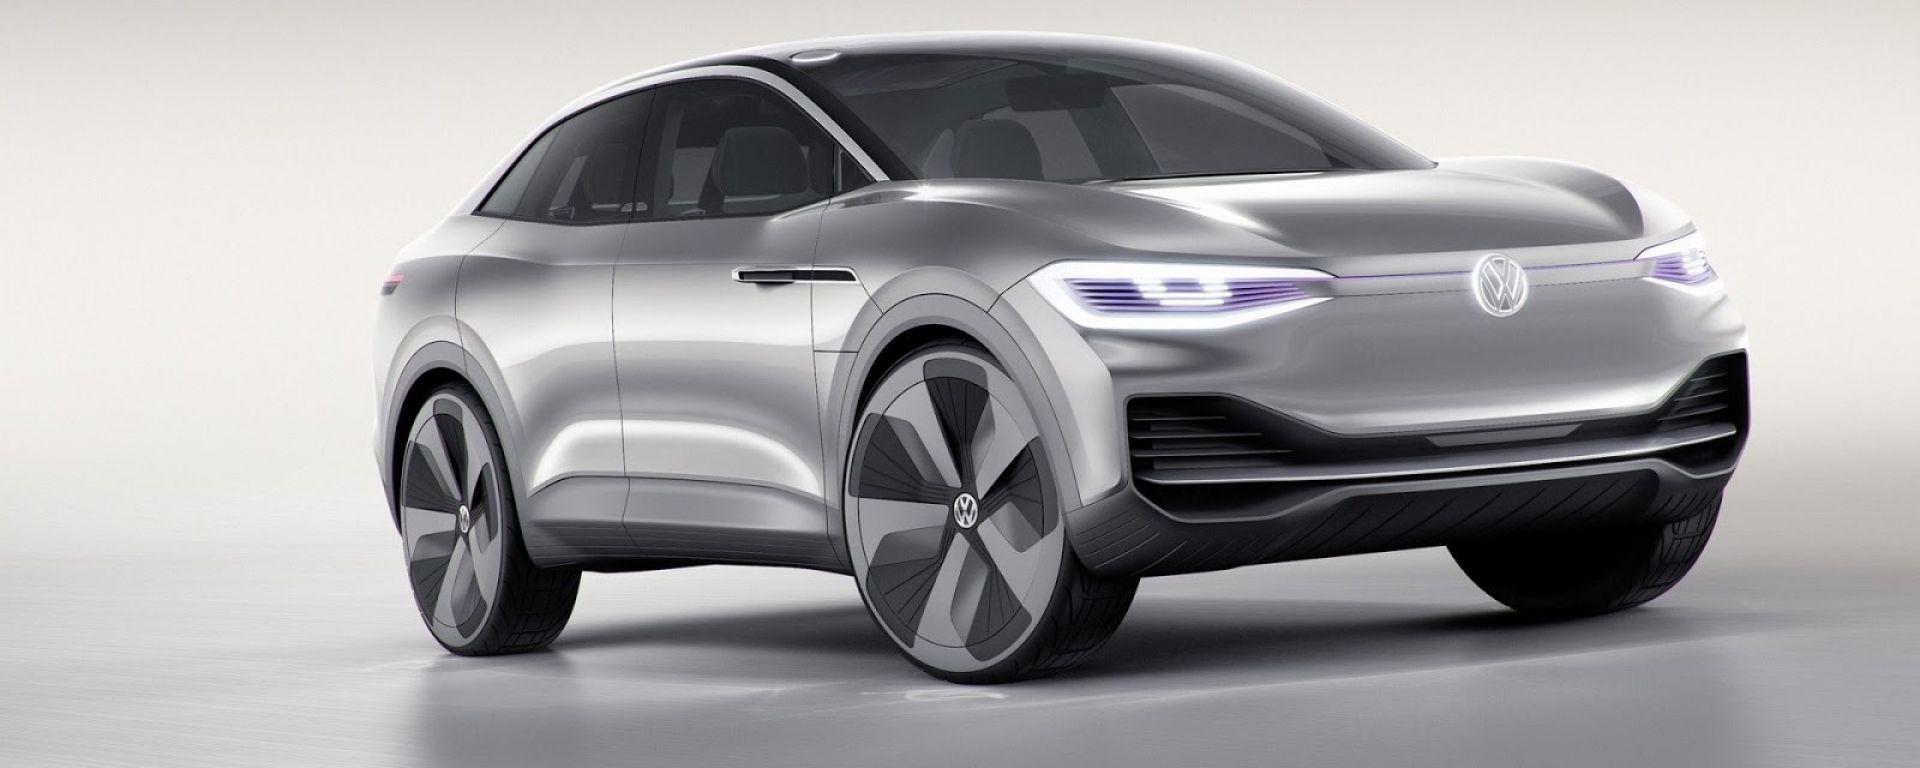 Volkswagen I.D. Crozz Concept: sguardo hi-tech con i fari full led